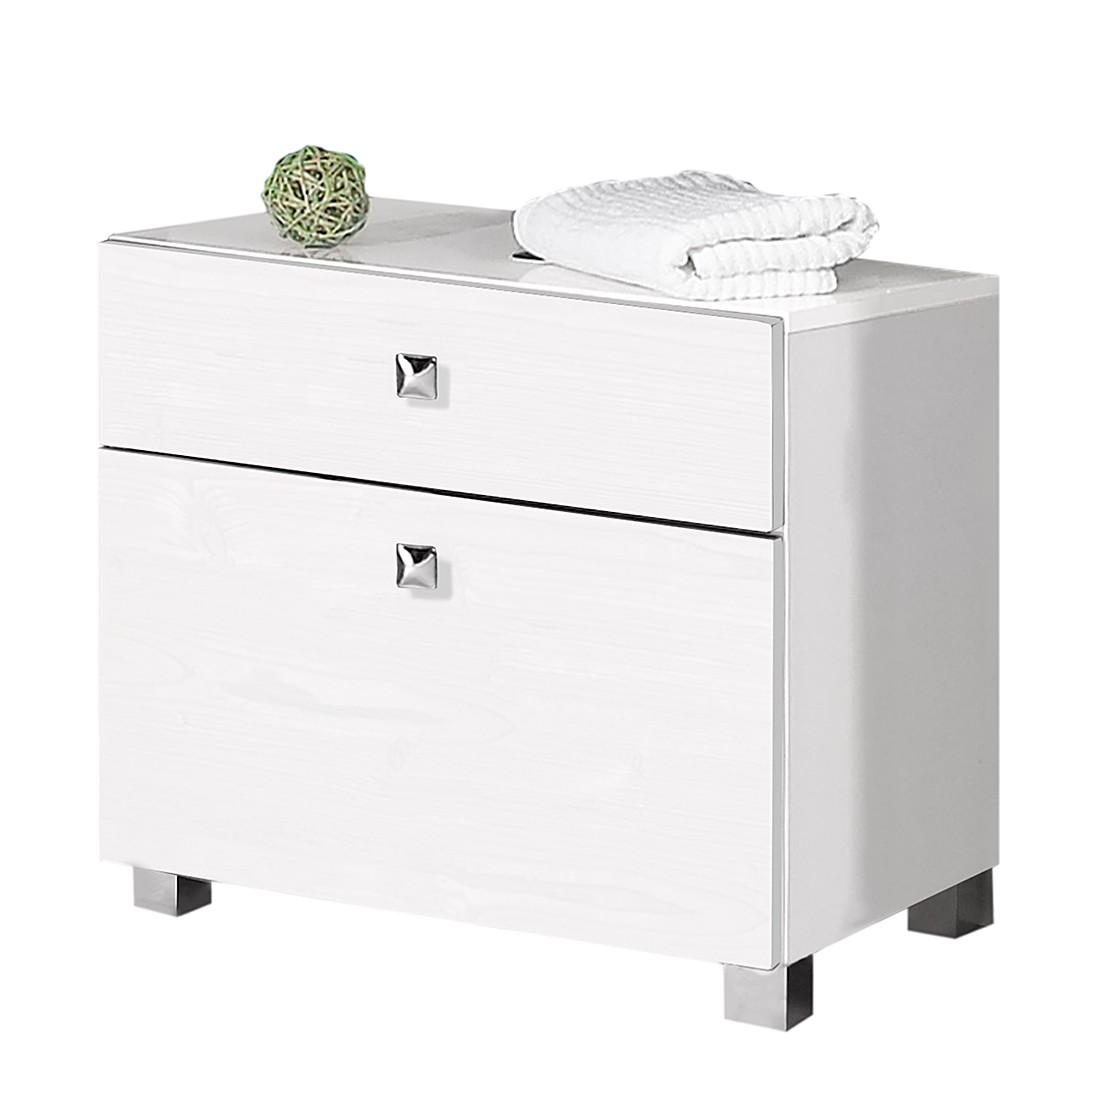 Mobile per lavabo Montreal - Bianco lucido Mobile da lavabo Montreal - Bianco lucido, Schildmeyer